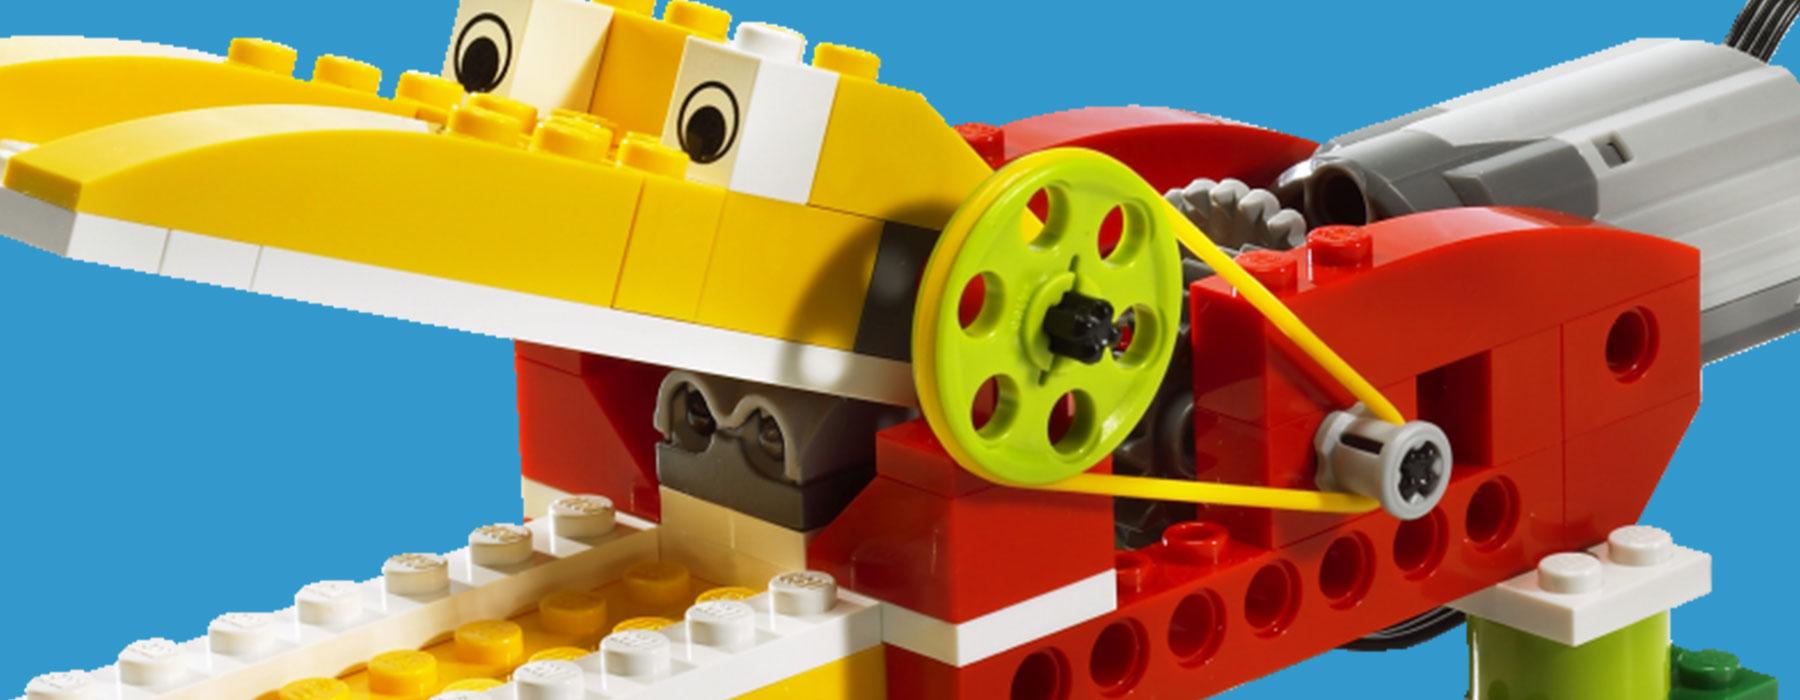 Legokrokodil